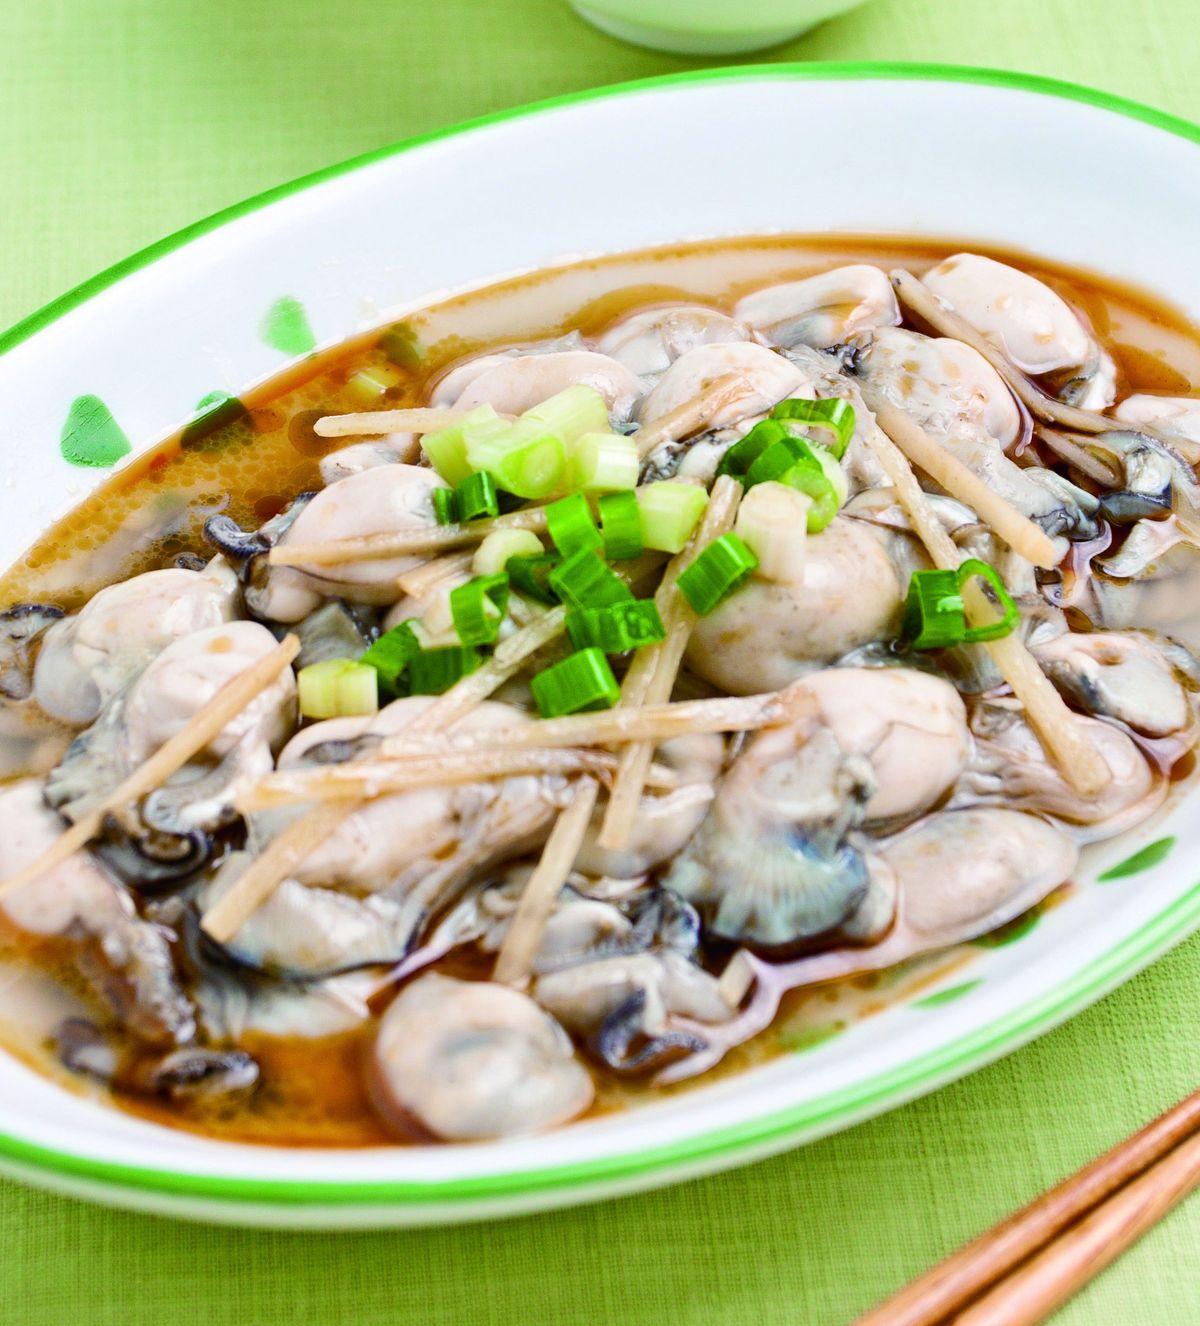 食譜:麻油炒鮮蚵